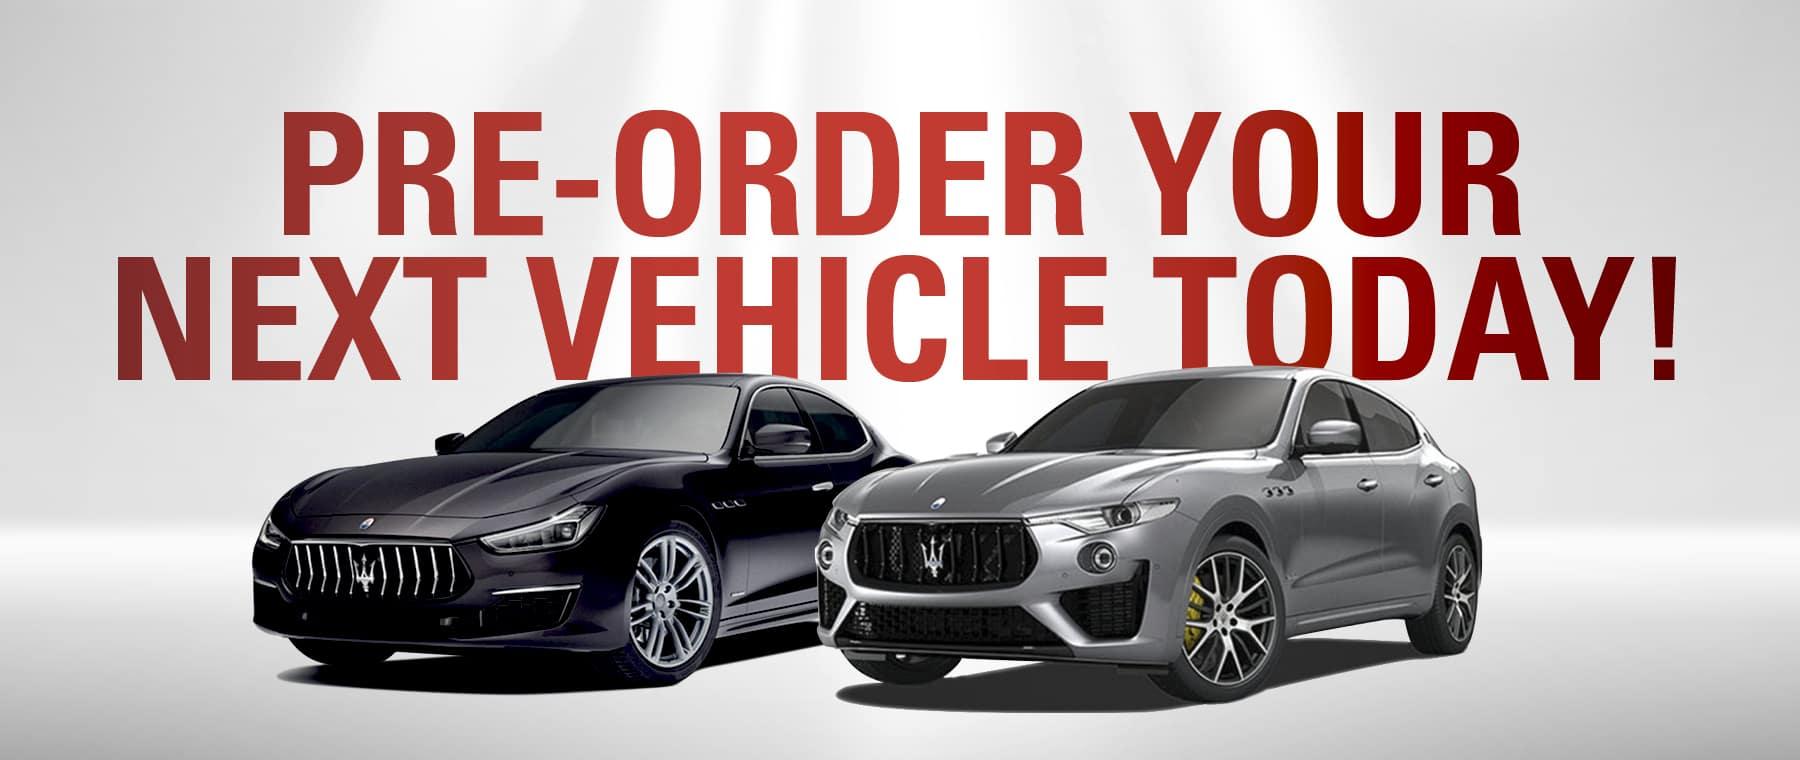 Pre-order your next Maserati